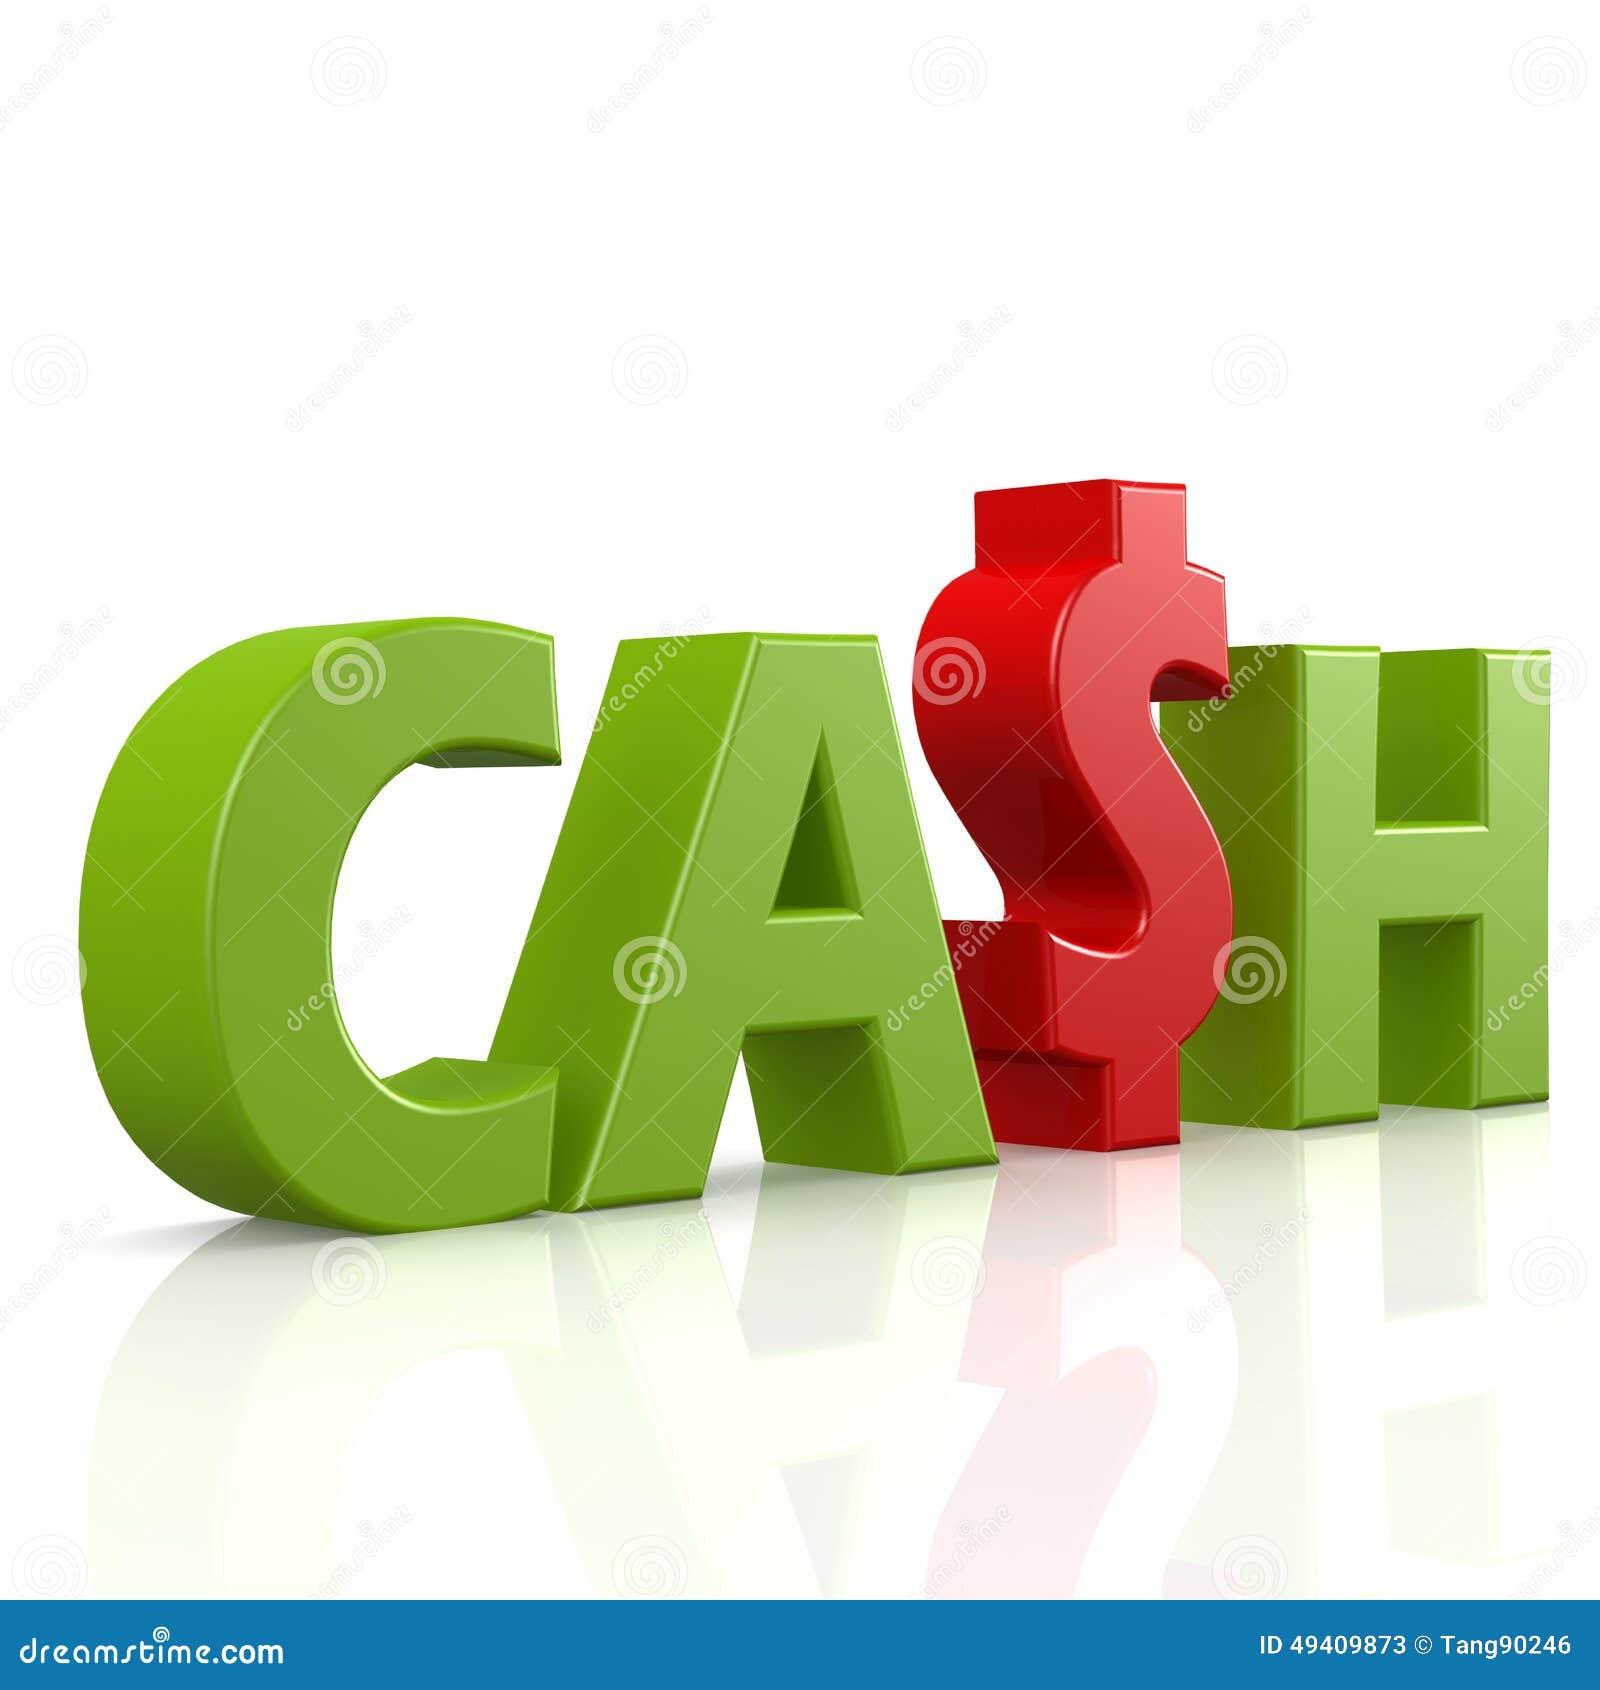 Download Bargeldwort im Grün stock abbildung. Illustration von investition - 49409873